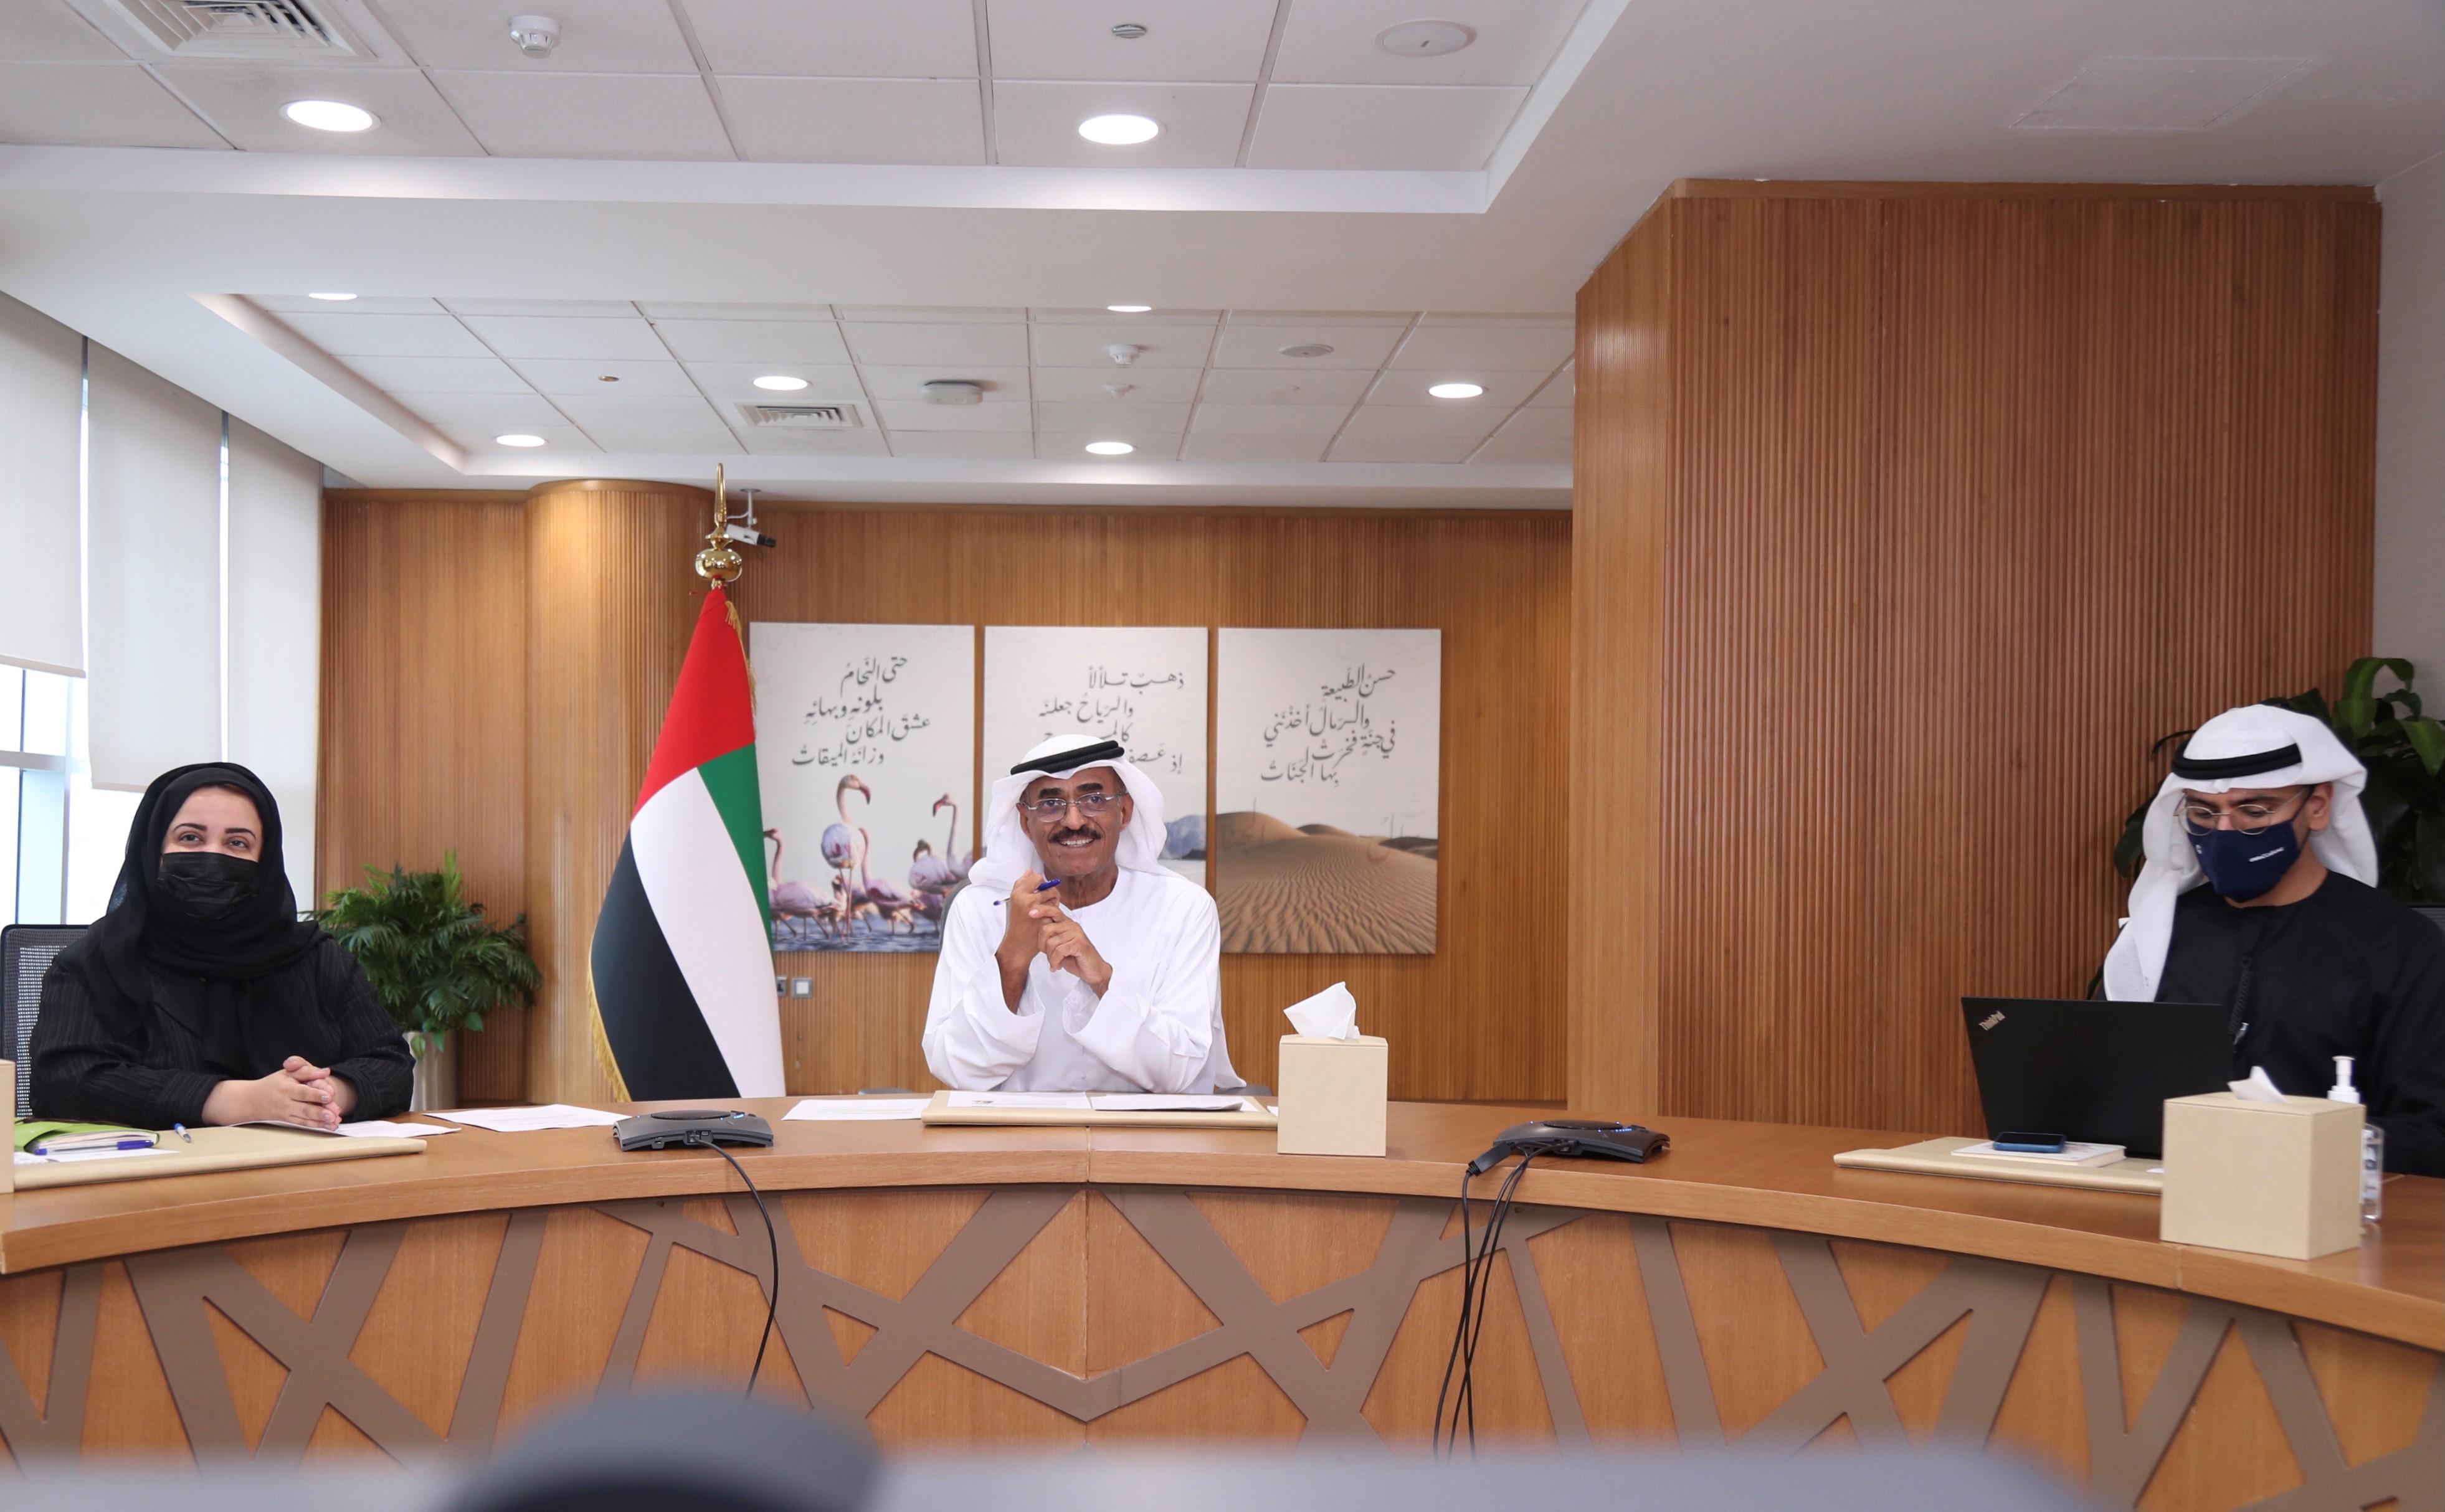 """بلحيف النعيمي يناقش تعزيز التحول نحو الاقتصاد الدائري في اجتماع القيادة لمنصة """"PACE"""""""